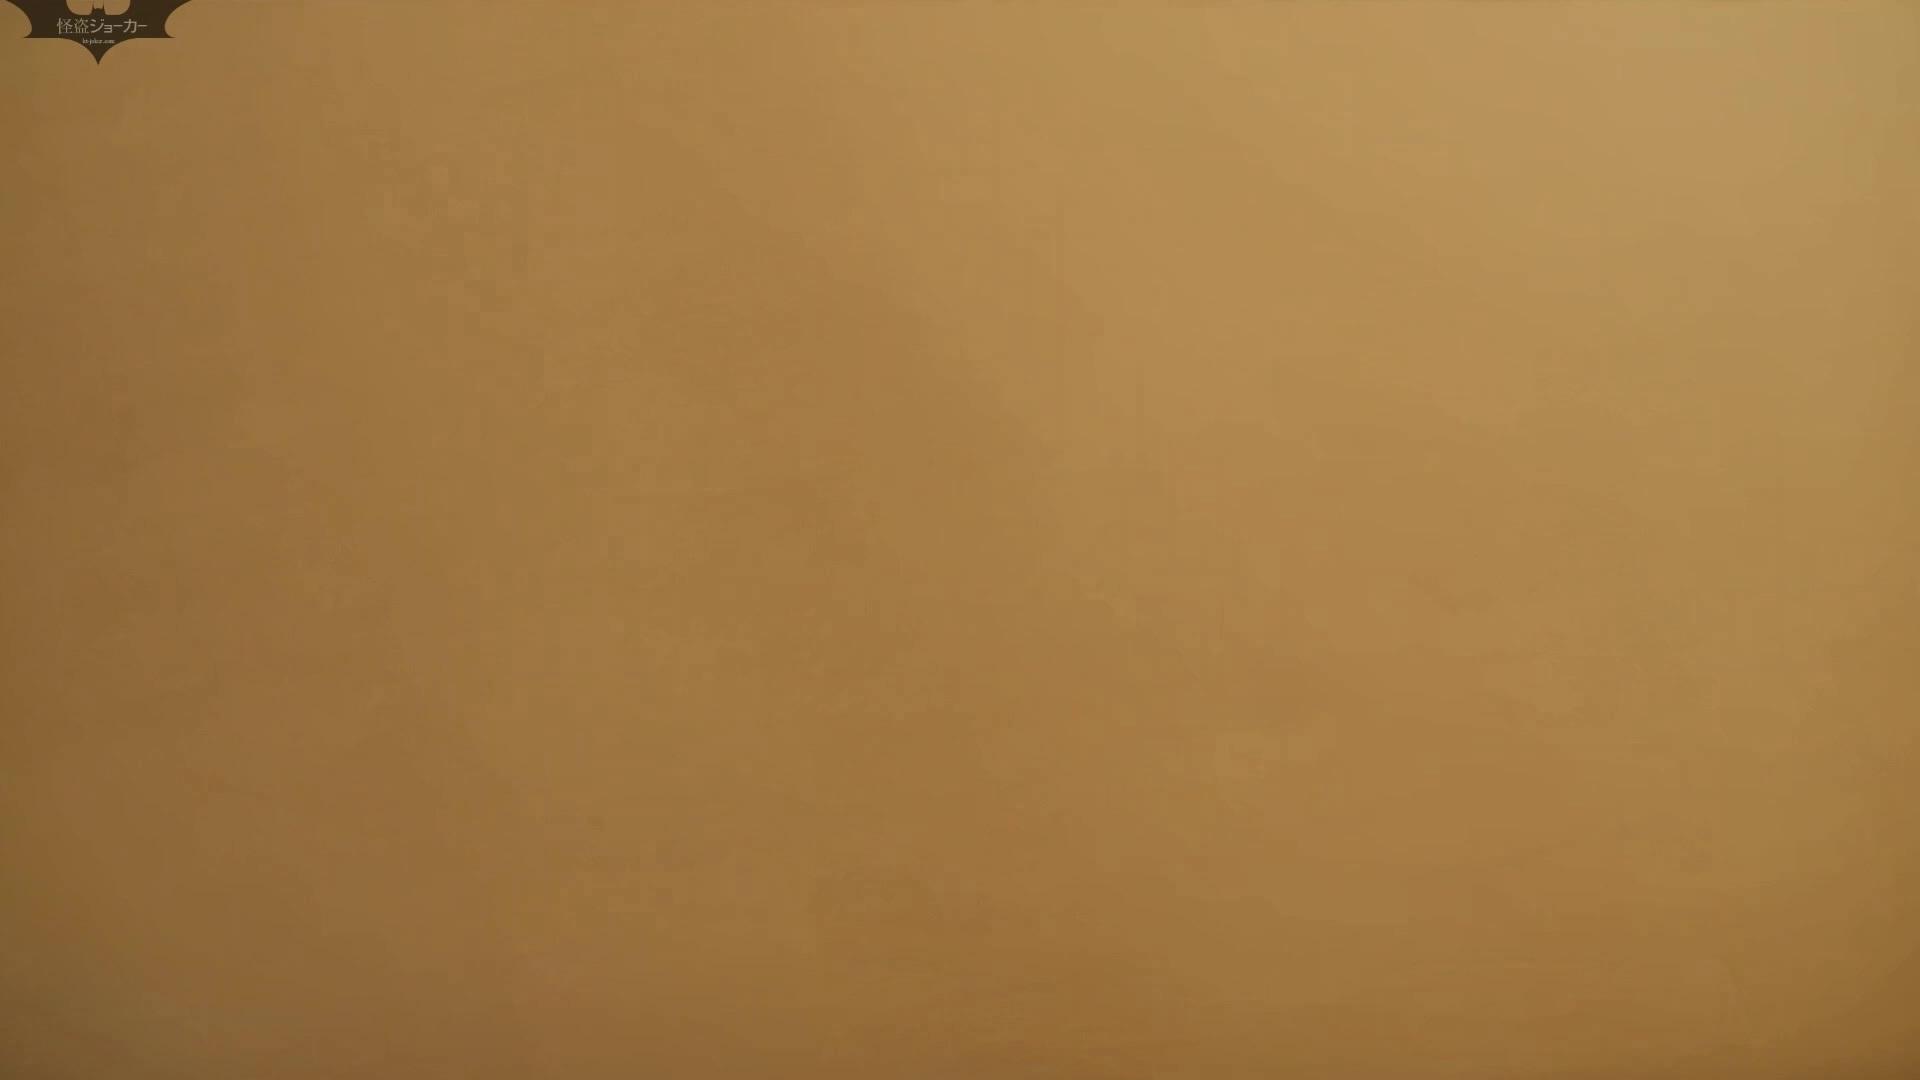 阿国ちゃんの和式洋式七変化 Vol.24 すっごくピクピクしてます。 洗面所  64PIX 31